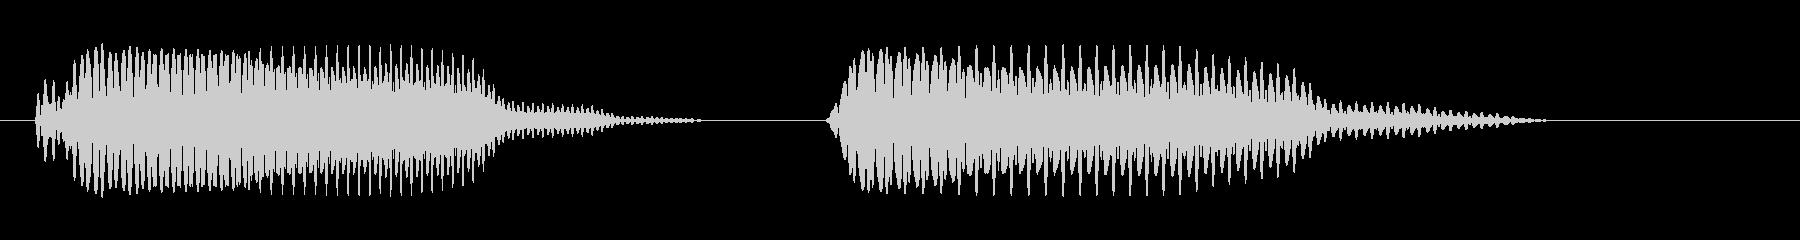 ポ・プェ・ポ・プェ(変形)の未再生の波形